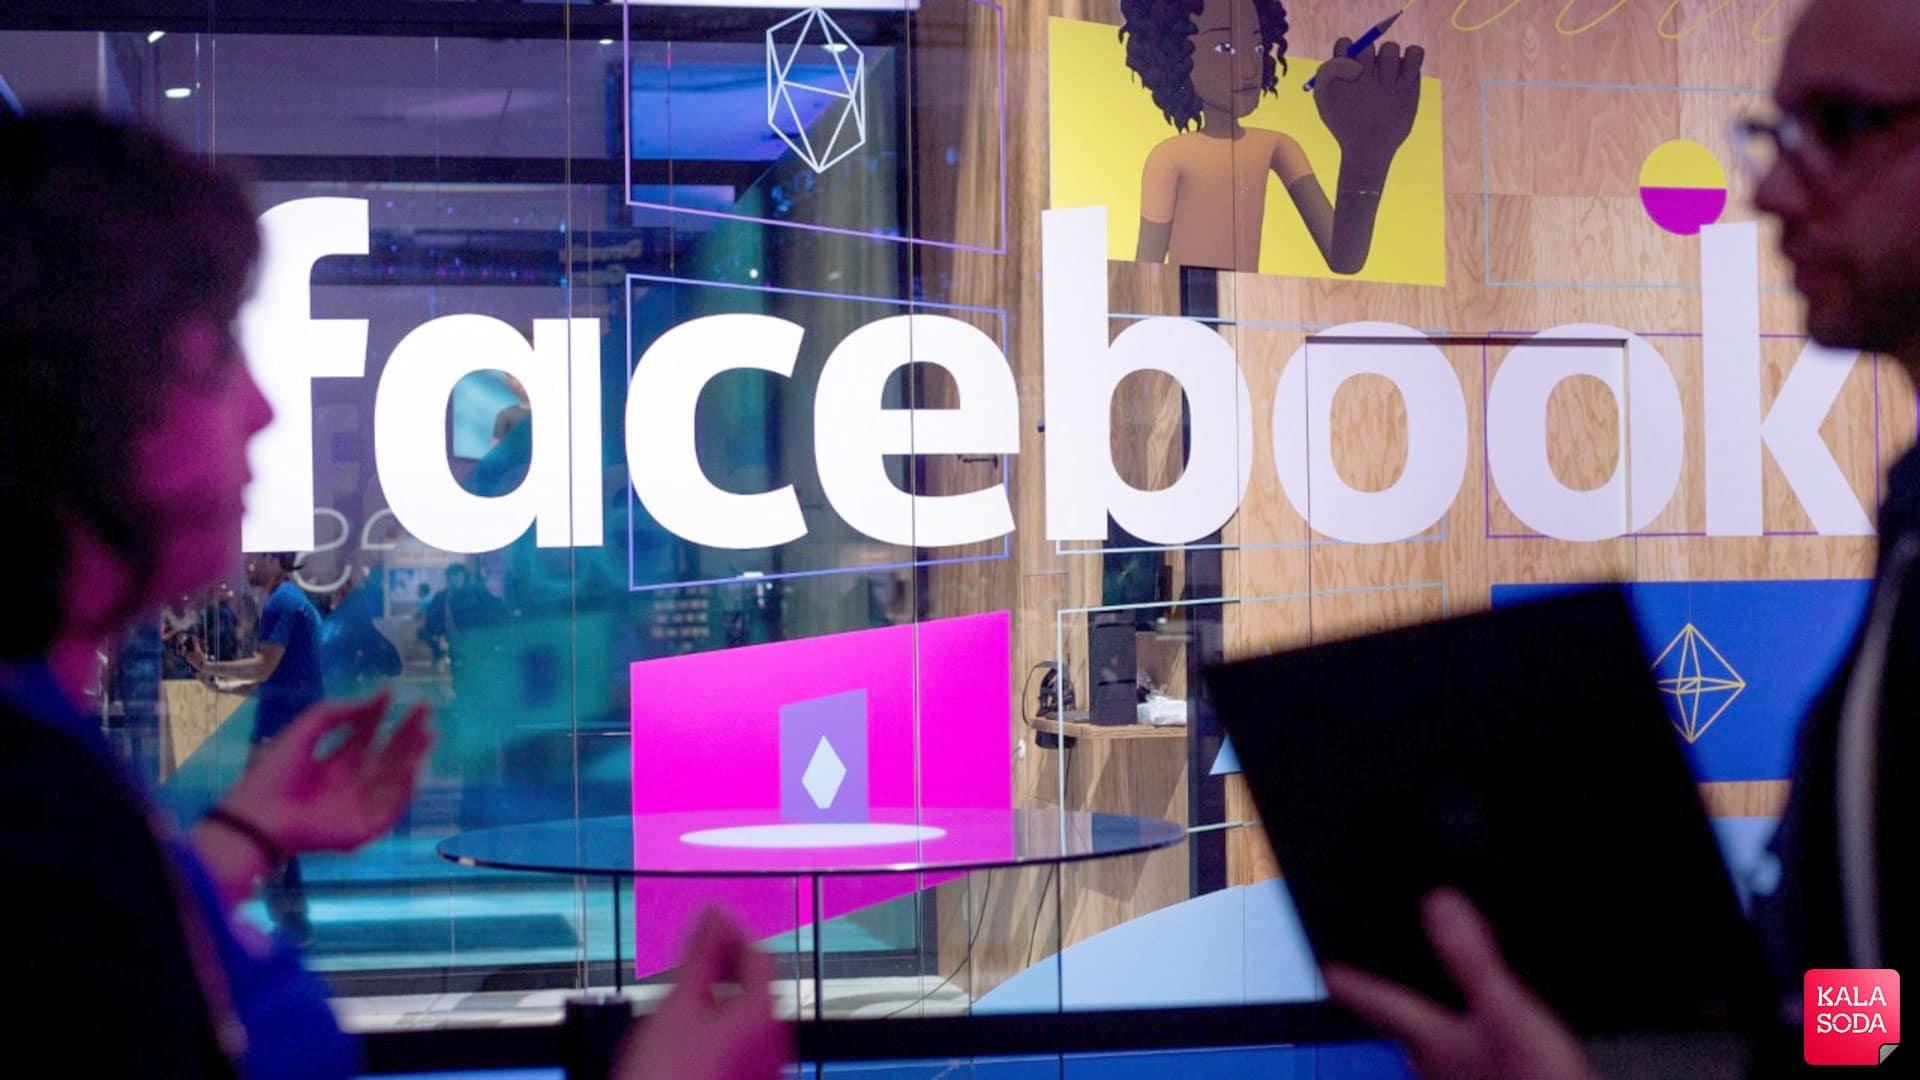 فیسبوک تور دید و بازدید فامیلی به راه انداخت|کالاسودا